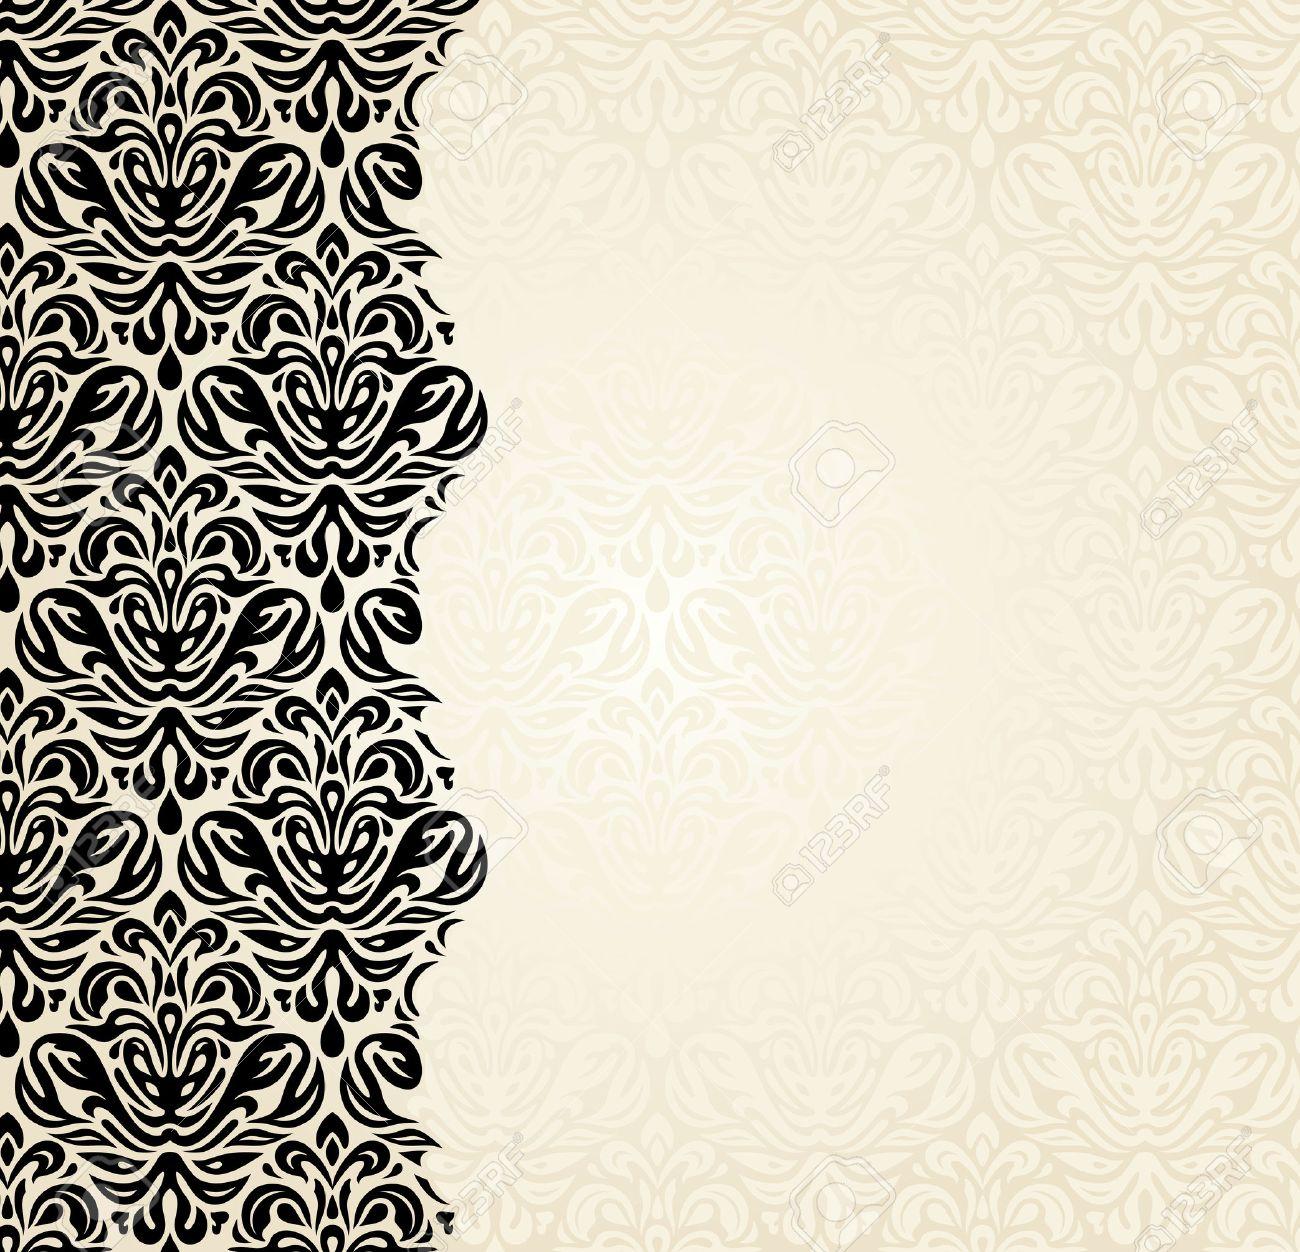 壁紙 結婚式 画像 おしゃれ フリー Khabarplanet Com